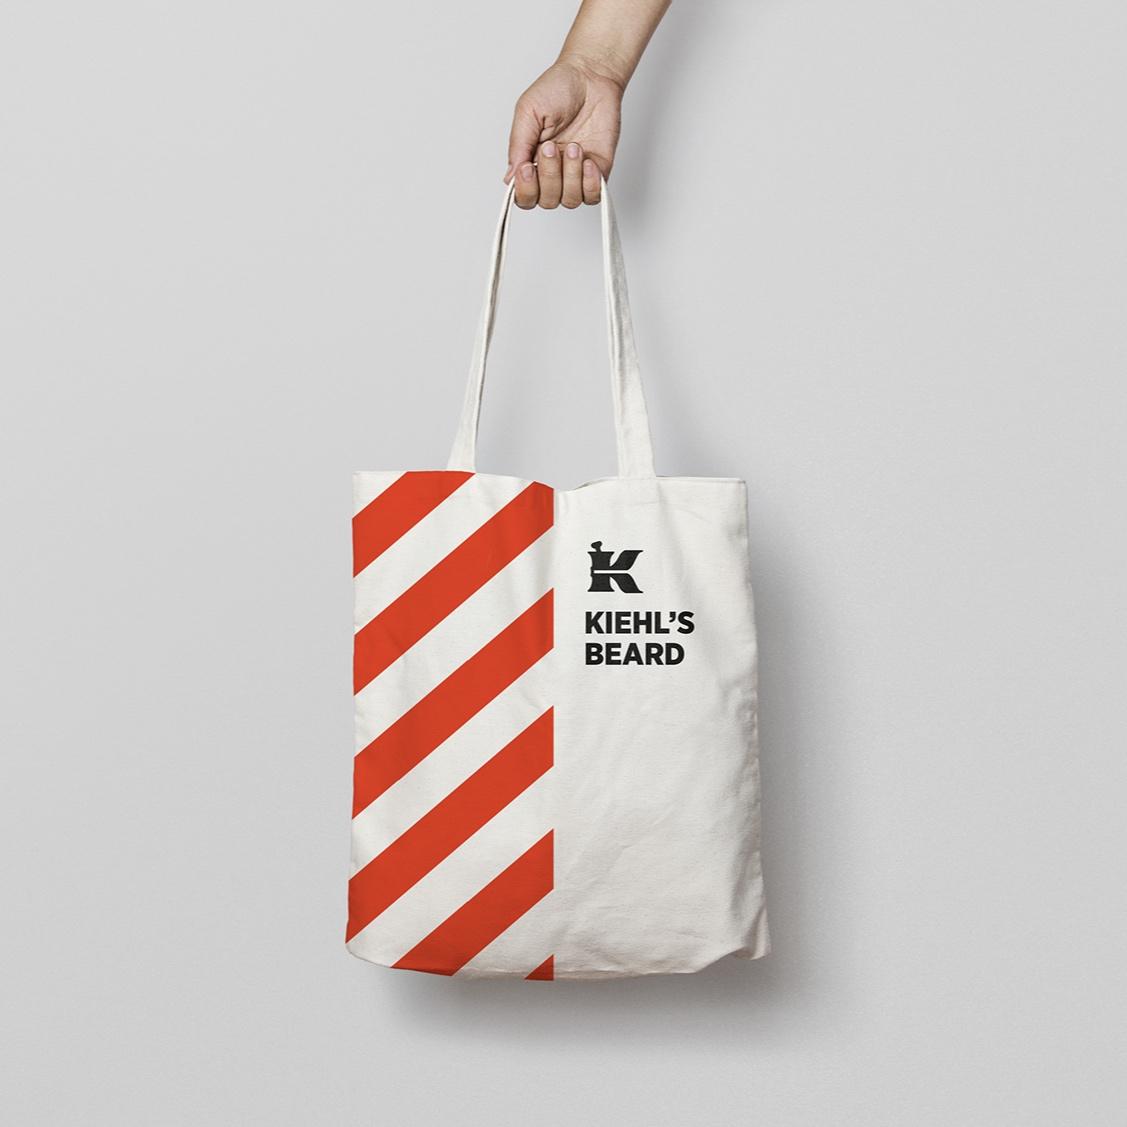 Kiehl's Beard - Nueva imagen para tu producto, tu etiqueta y packaging - mejora tu imagen corporativa con un diseño único.